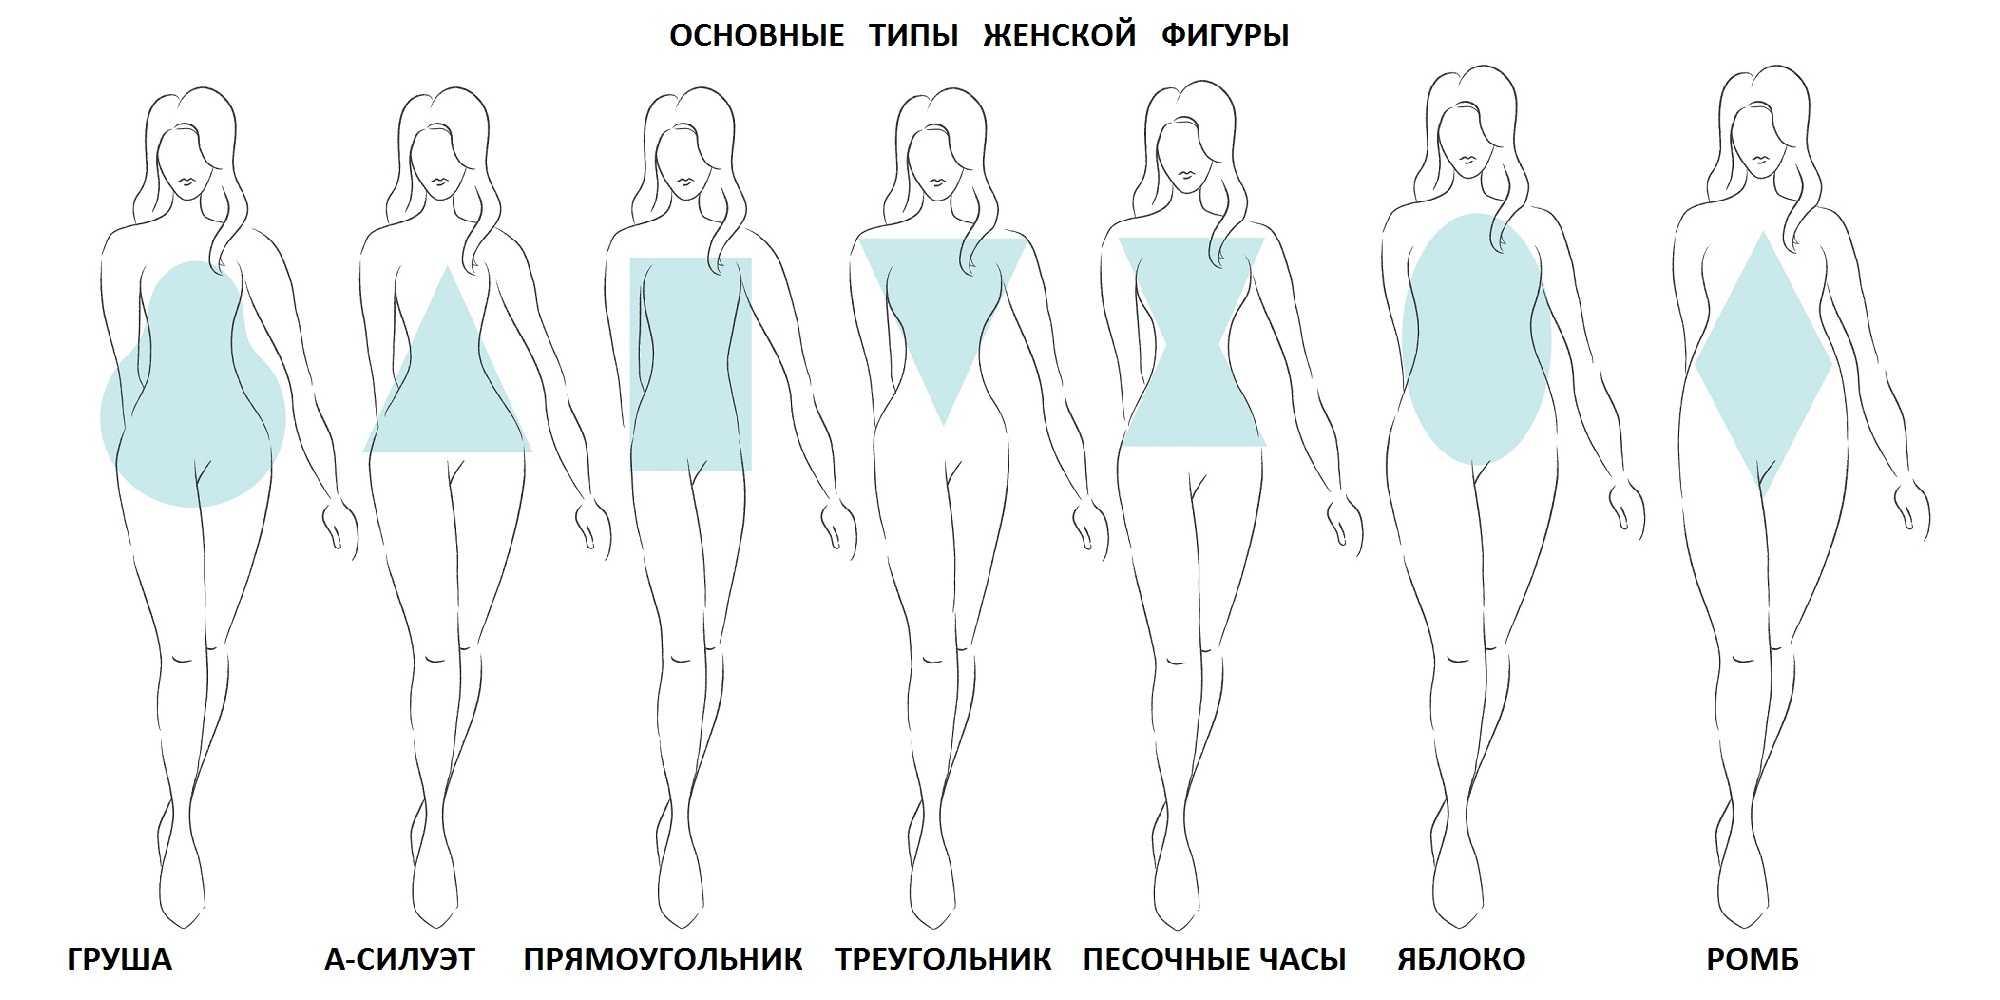 Типы женских фигур (телосложения) и тренировки для них | krok8.com - фундаментальная стратегия развития